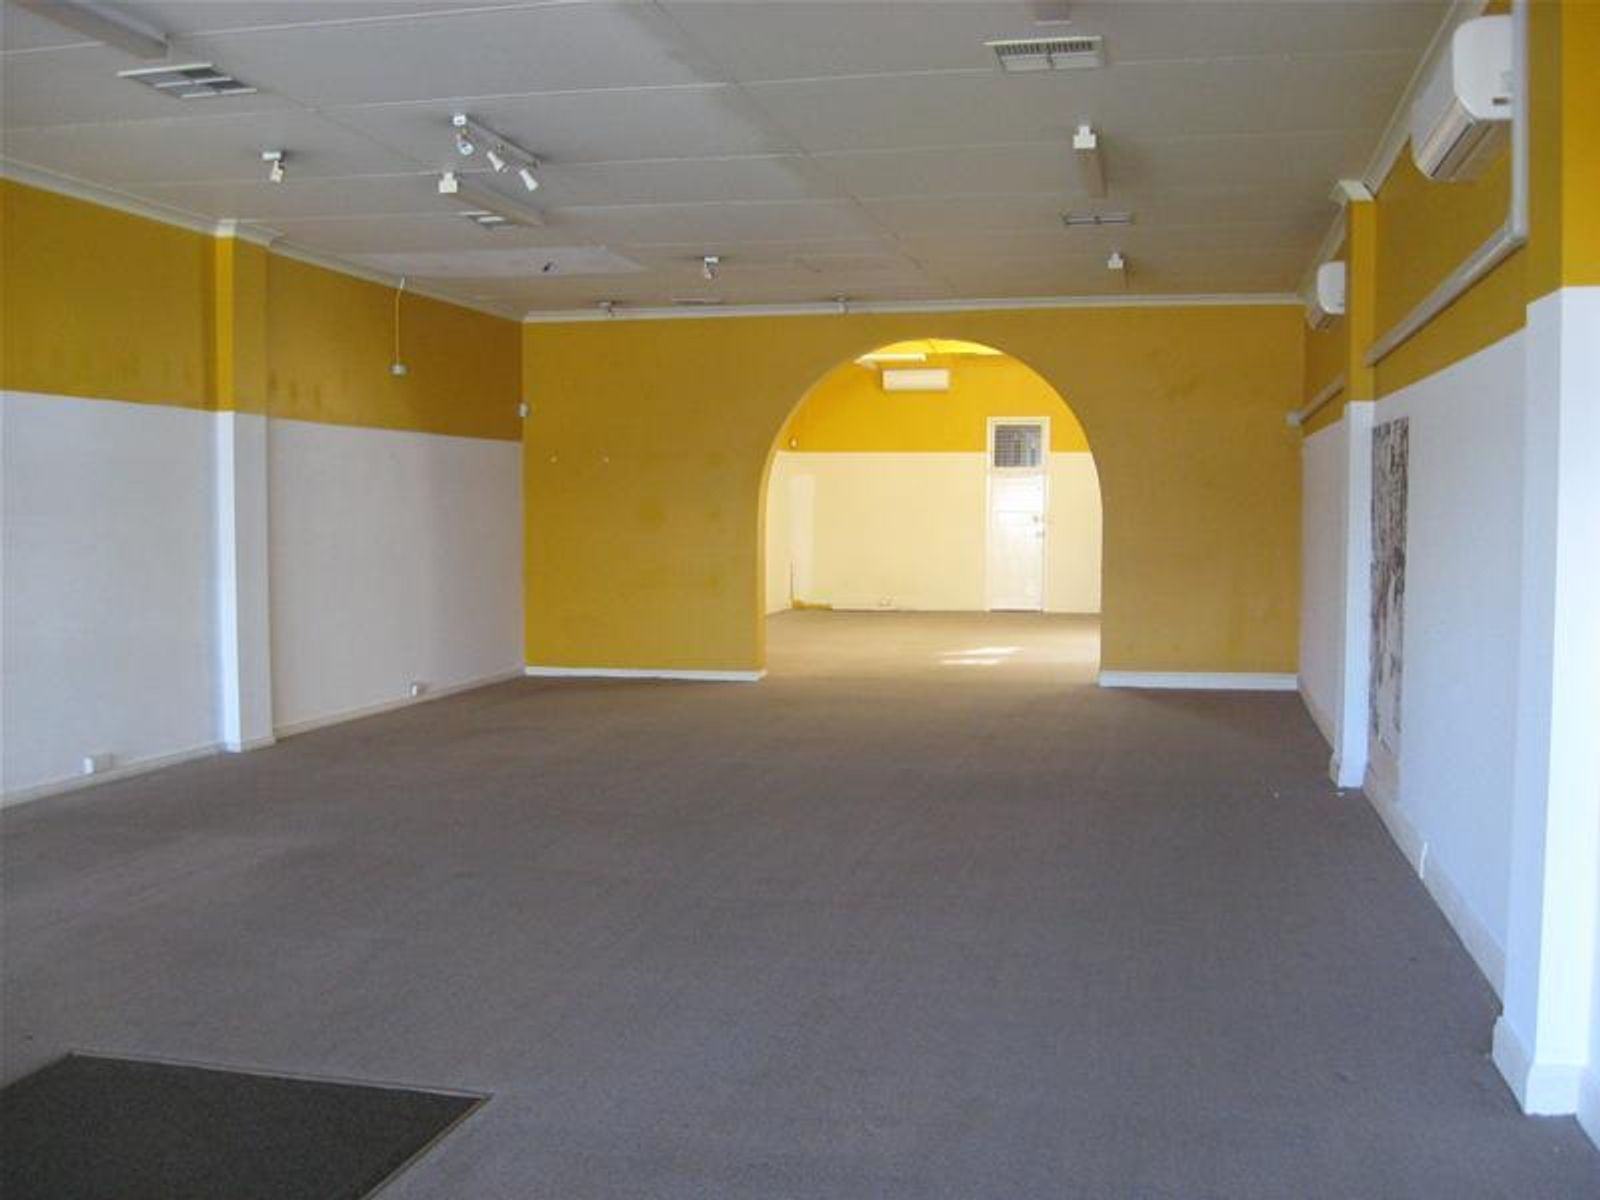 87A Hannan Street, Kalgoorlie, WA 6430